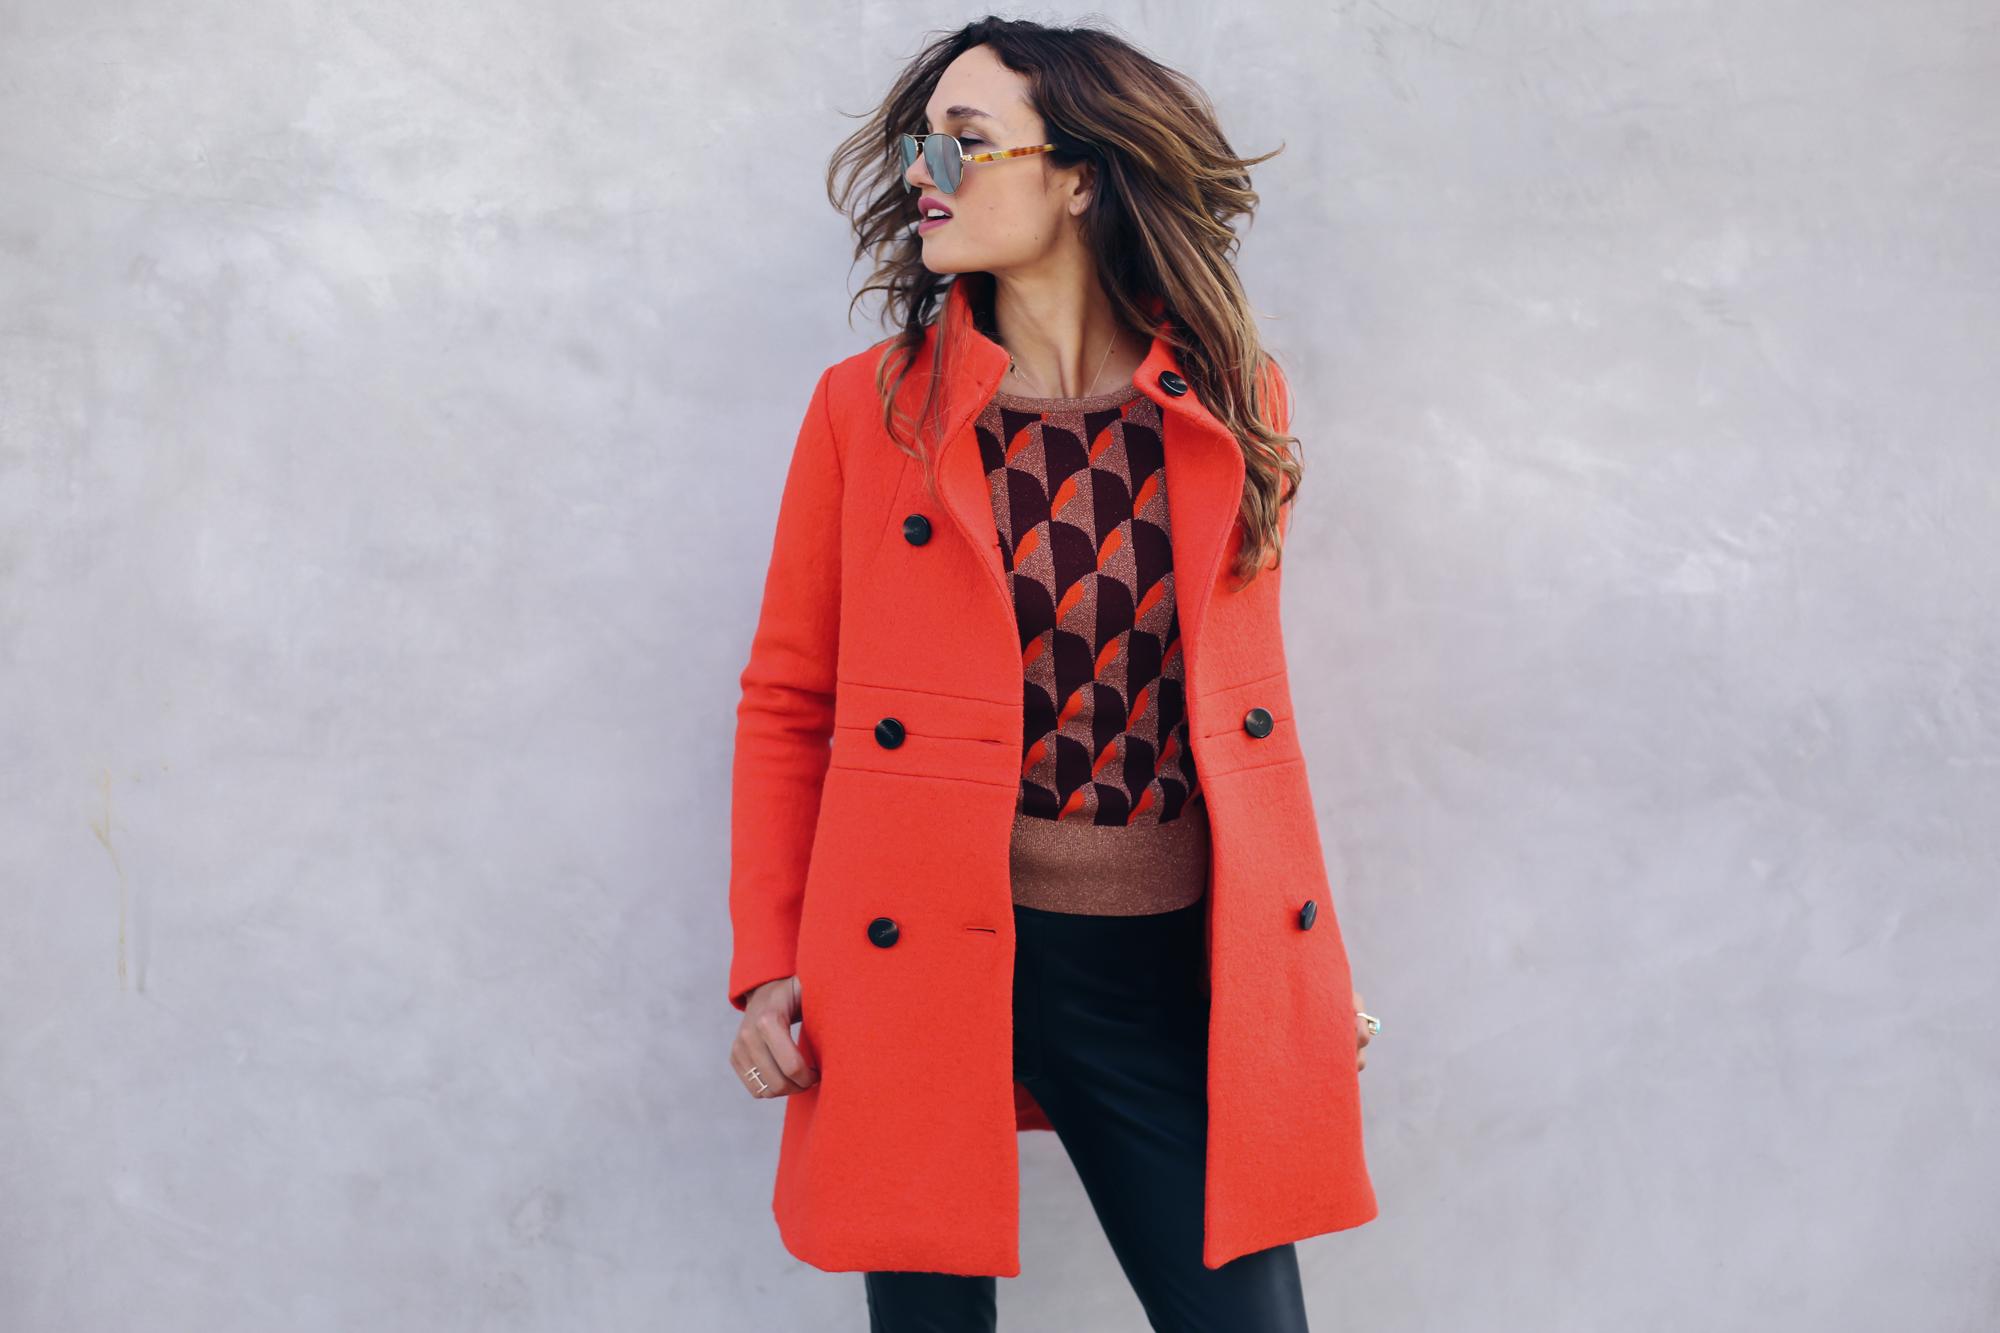 1-orange-jacket-ann-taylor-shalice-noel-ryanbyryanchua-7709